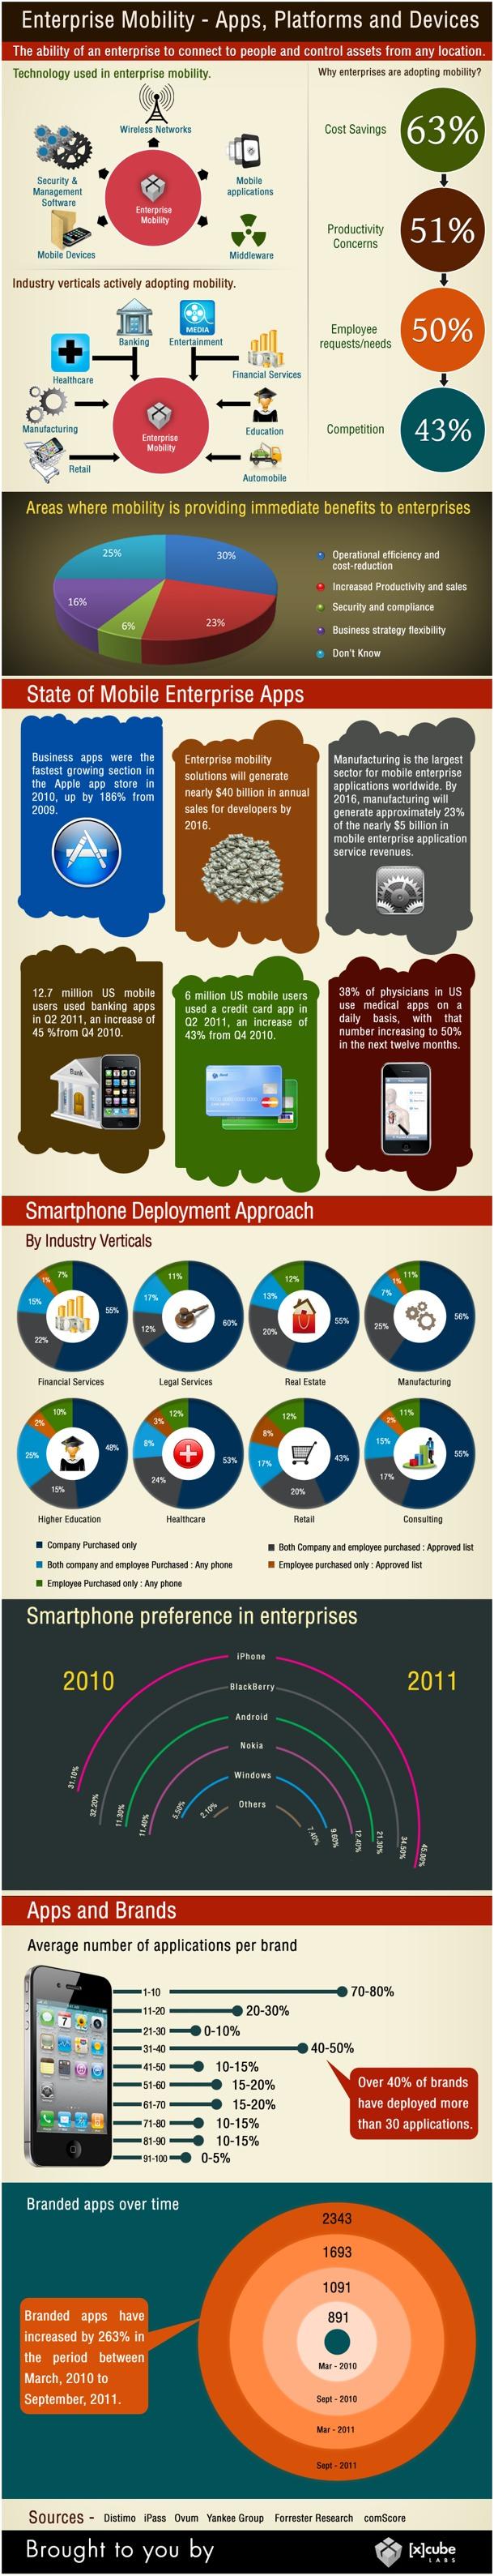 , La adaptación de las empresas a los teléfonos inteligentes